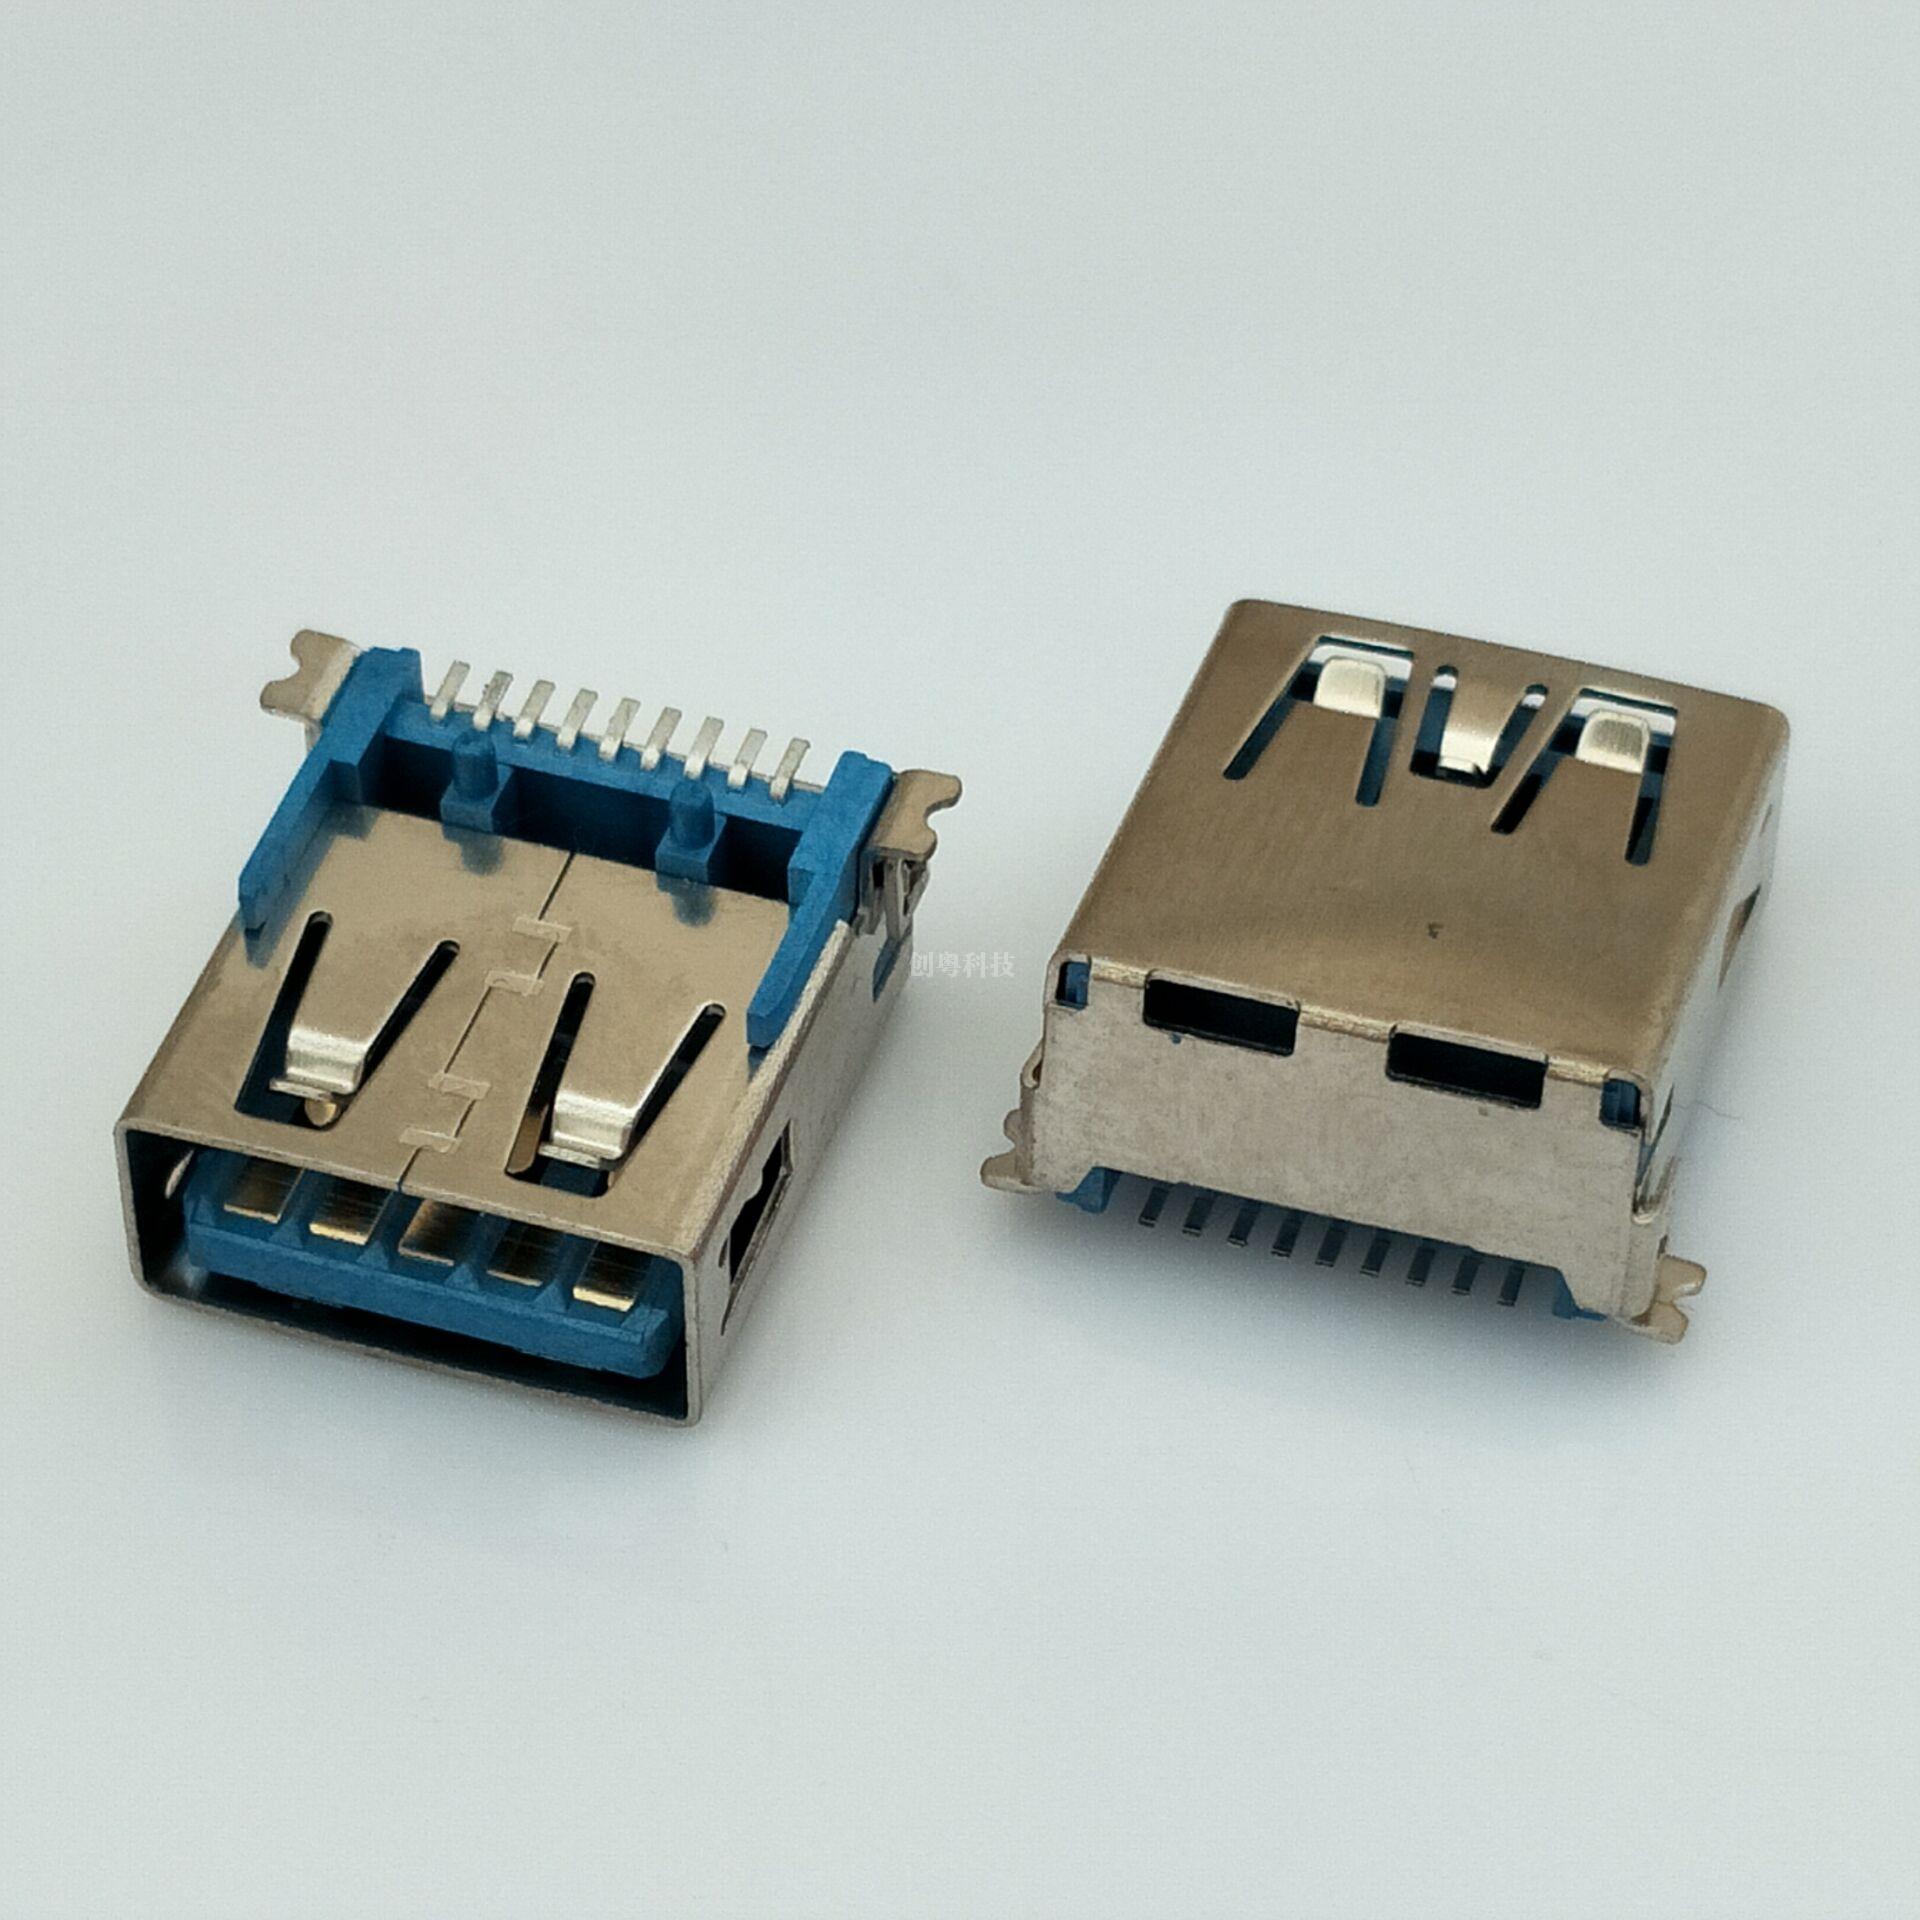 USB 3.0 全贴母座